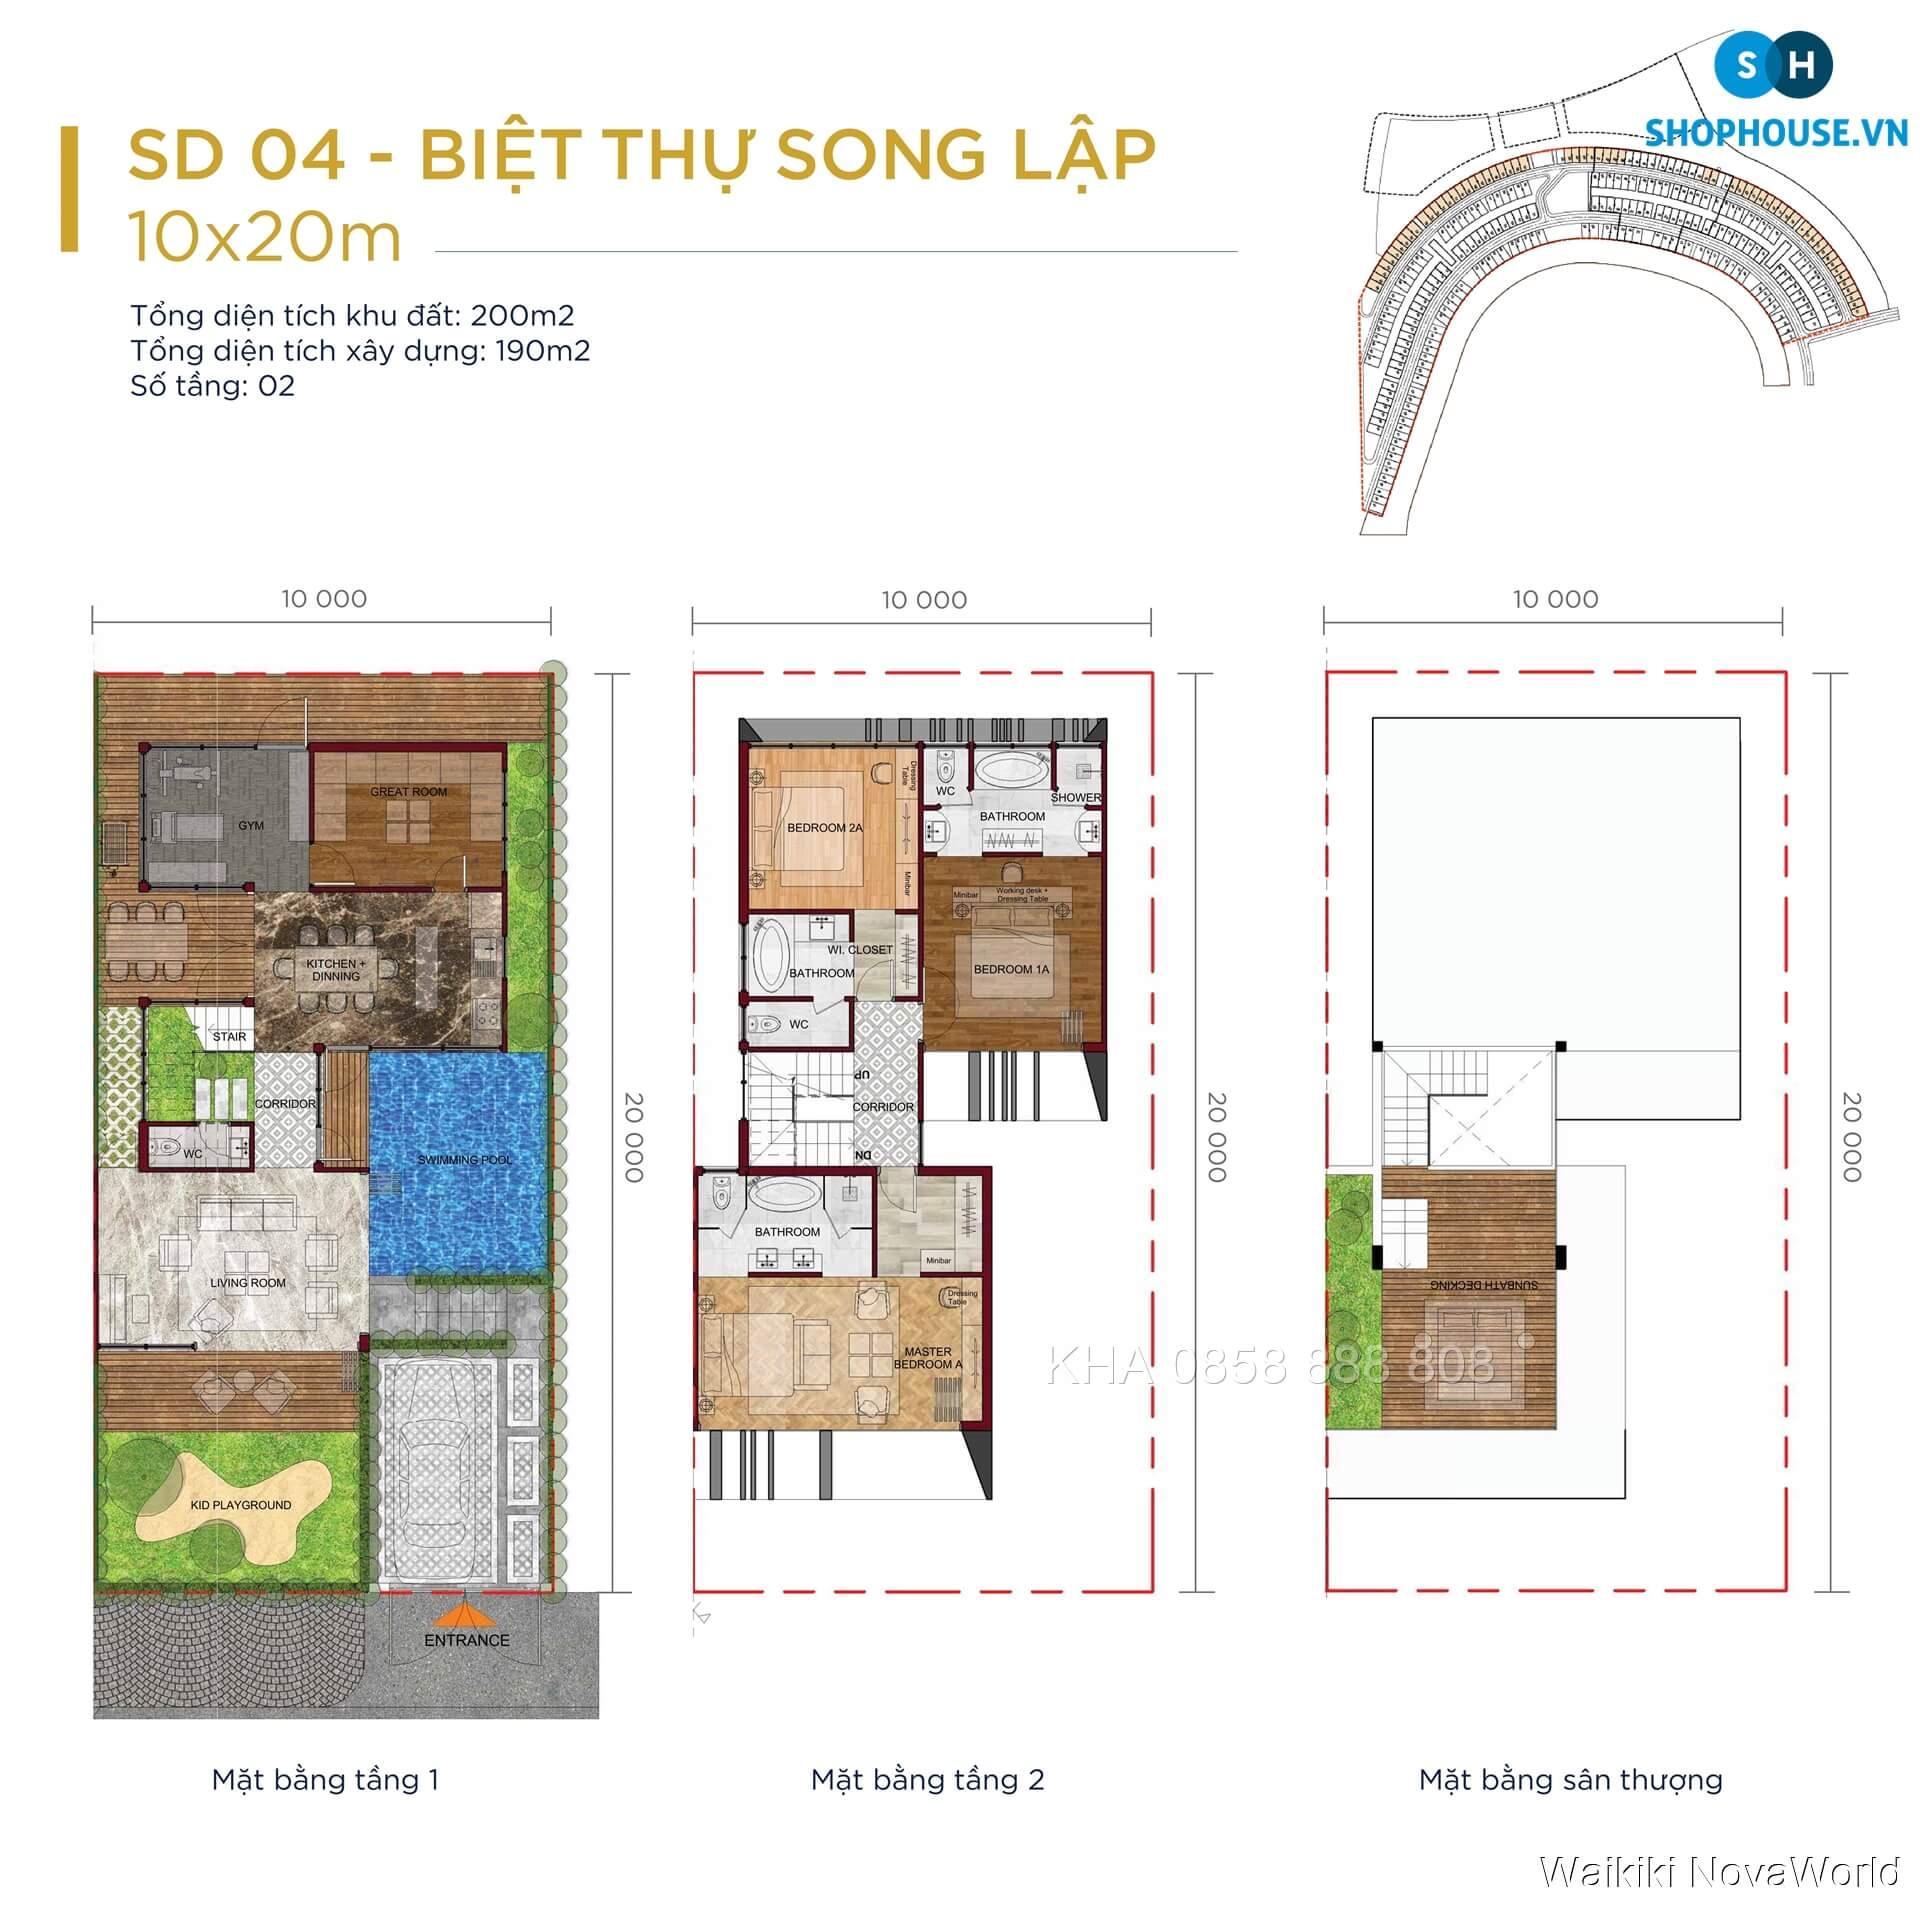 Waikiki-NovaWorld-mat-bang-tang-chi-tiet-biet-thu-villas-song-lap-10x20-SD04